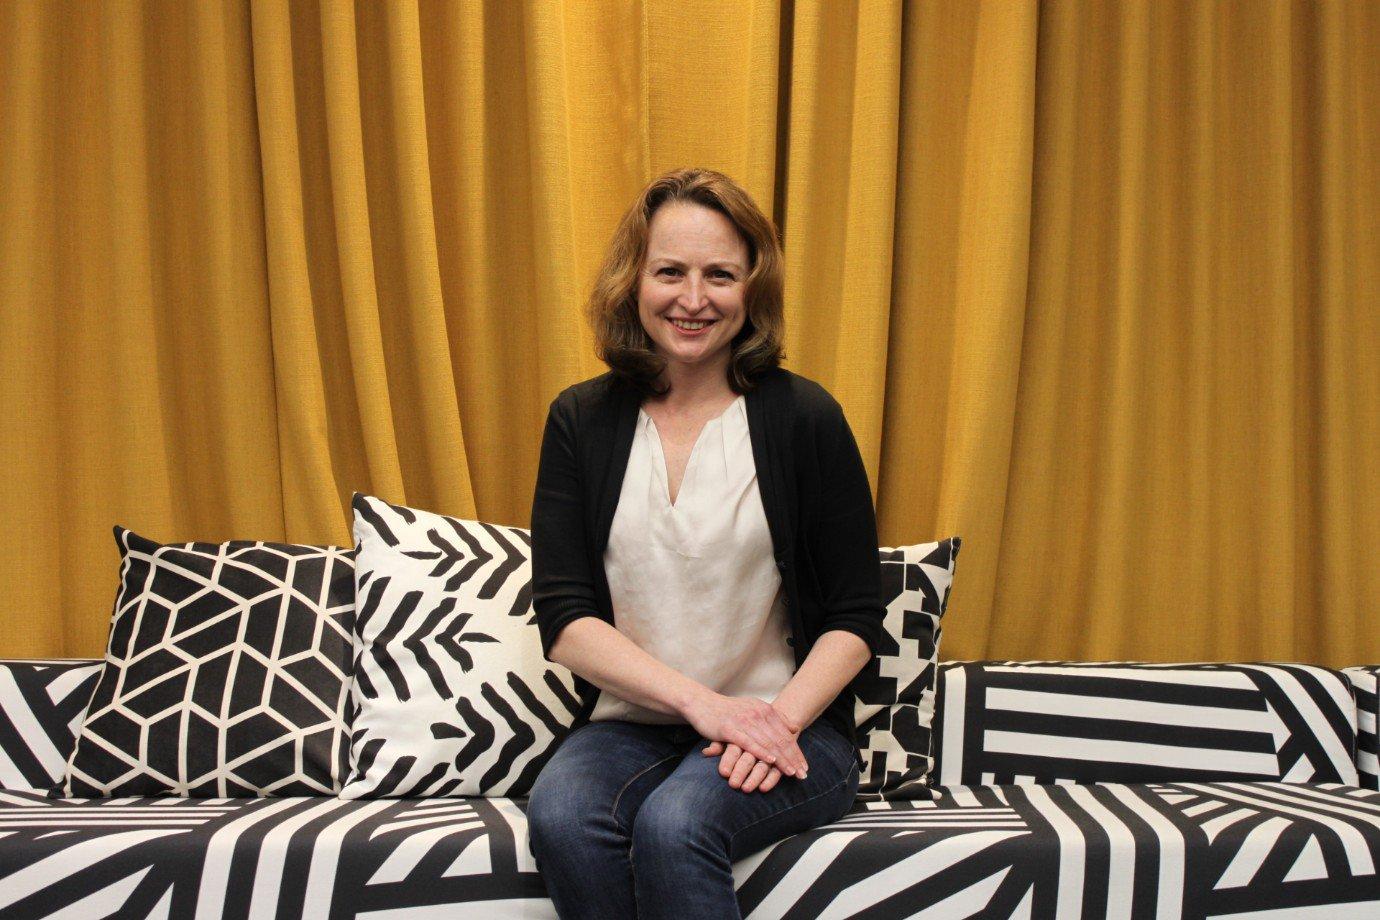 Kim Spalding, diretora global em gerenciamento de produtos para pequenas e médias empresas